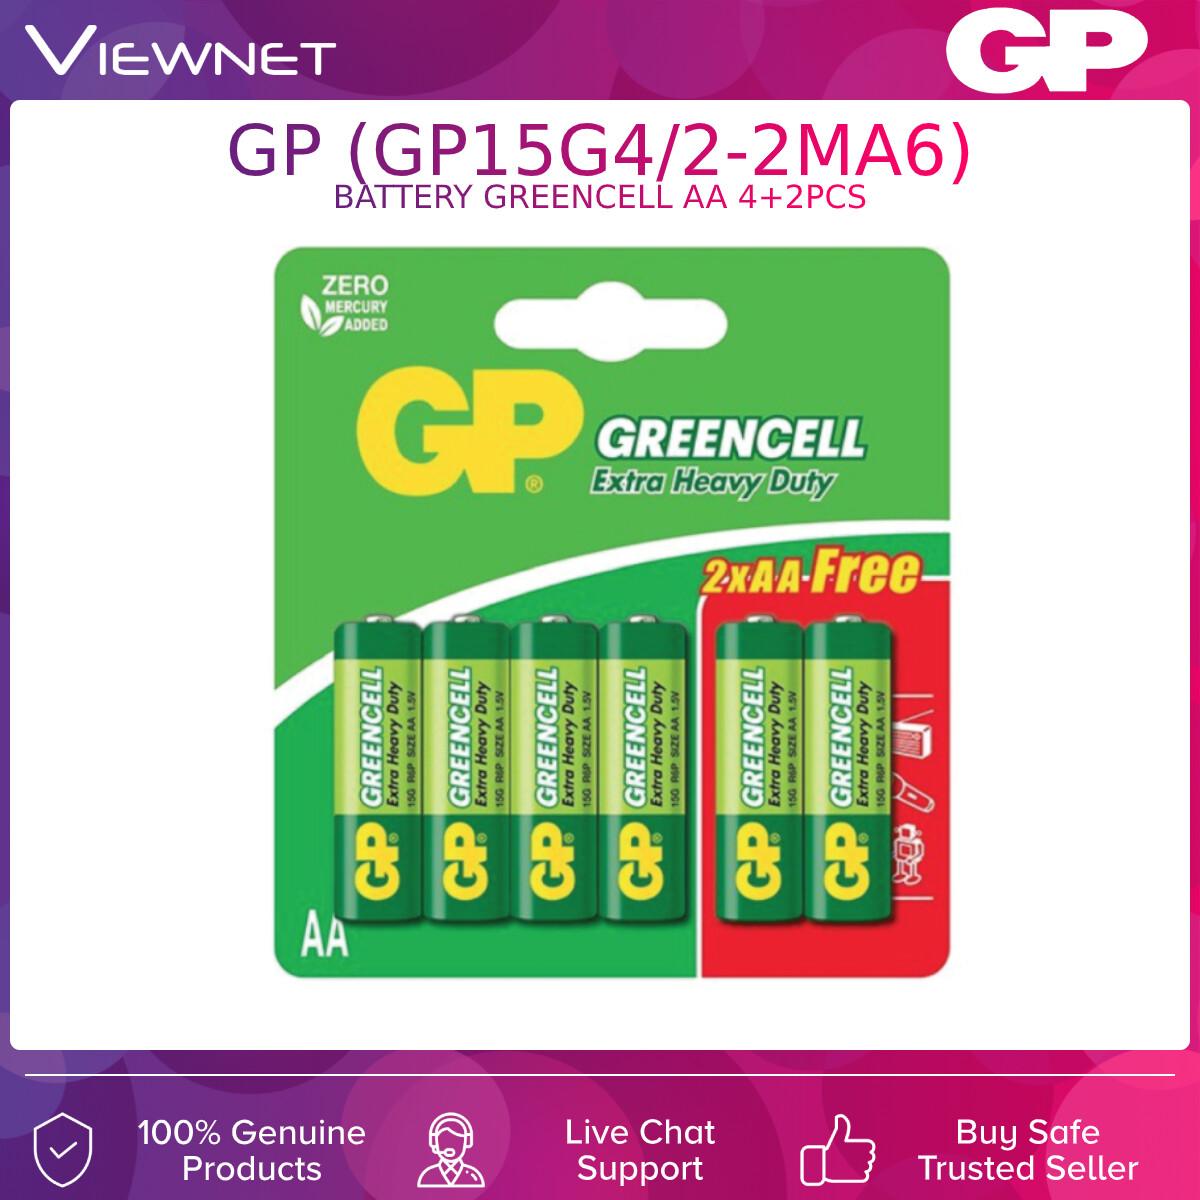 GP BATTERY GREENCELL AA 4+2PCS (GP15G4/2-2MA6)